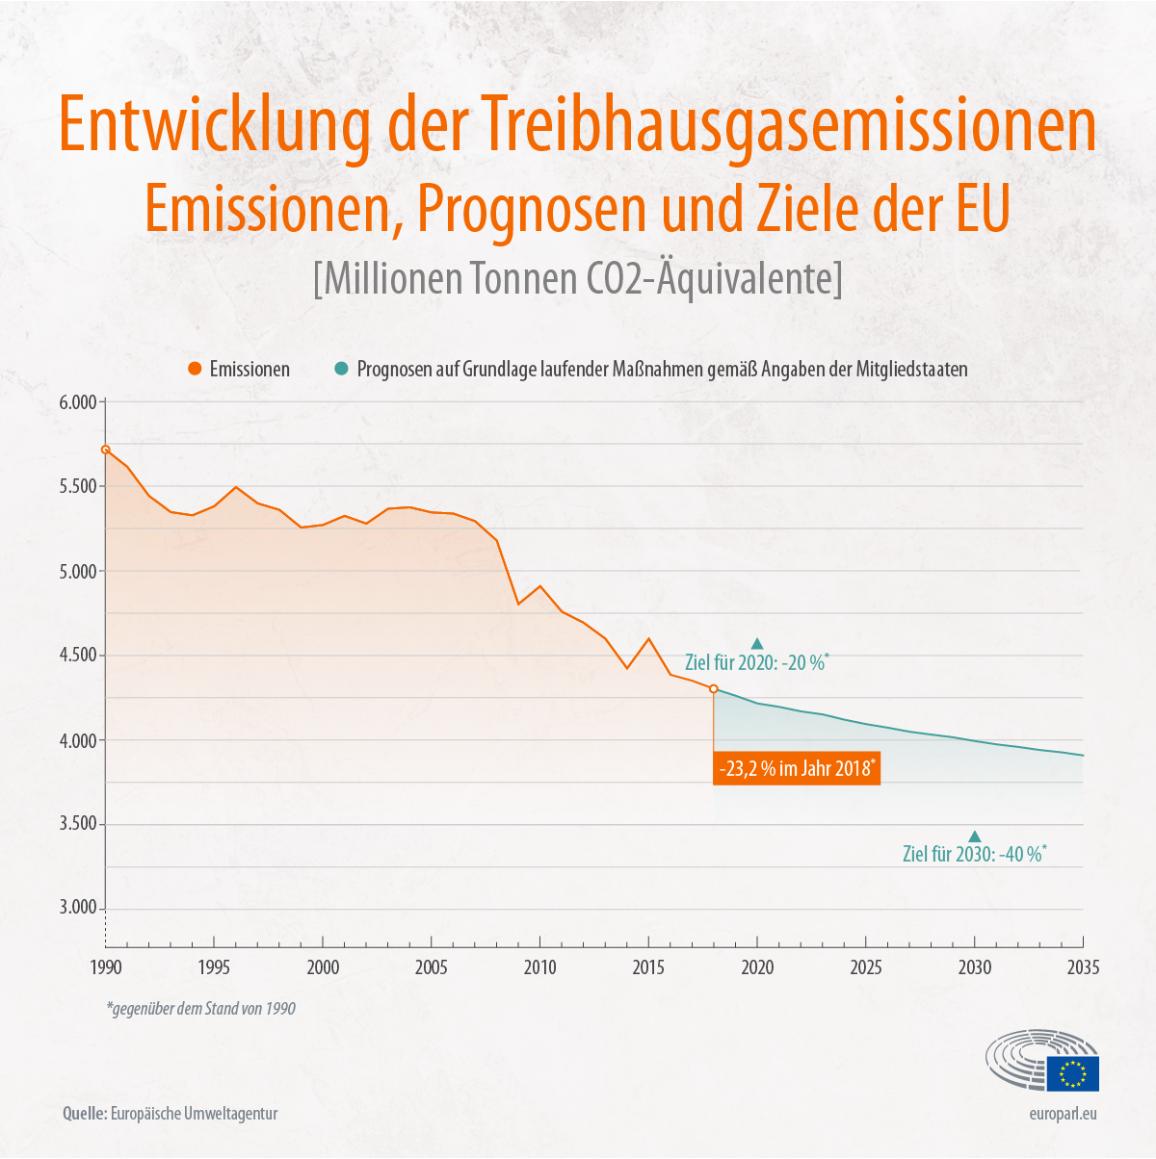 Die Infografik zeigt die Entwicklungen der Treibhausgasemissionen in der EU zwischen 1990 und 2020 sowie Prognosen bis zum Jahr 2035